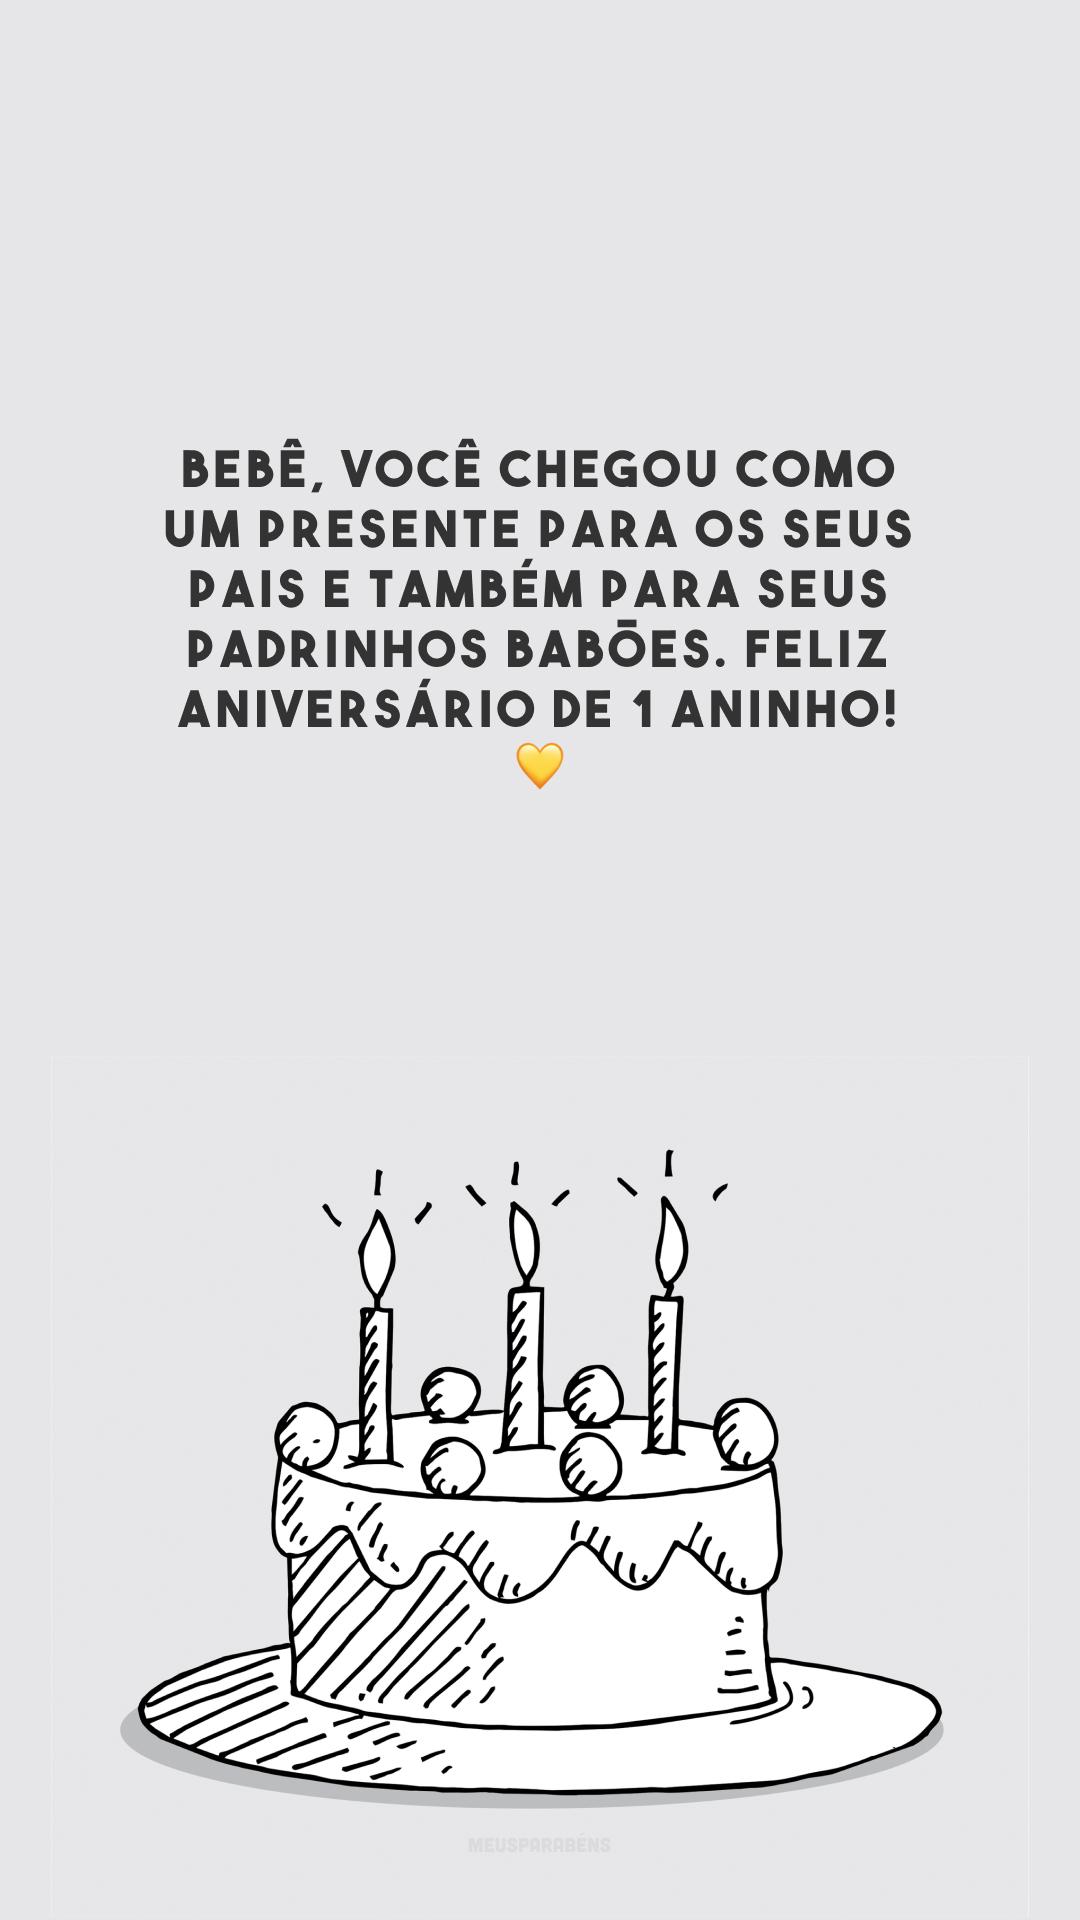 Bebê, você chegou como um presente para os seus pais e também para seus padrinhos babões. Feliz aniversário de 1 aninho! 💛